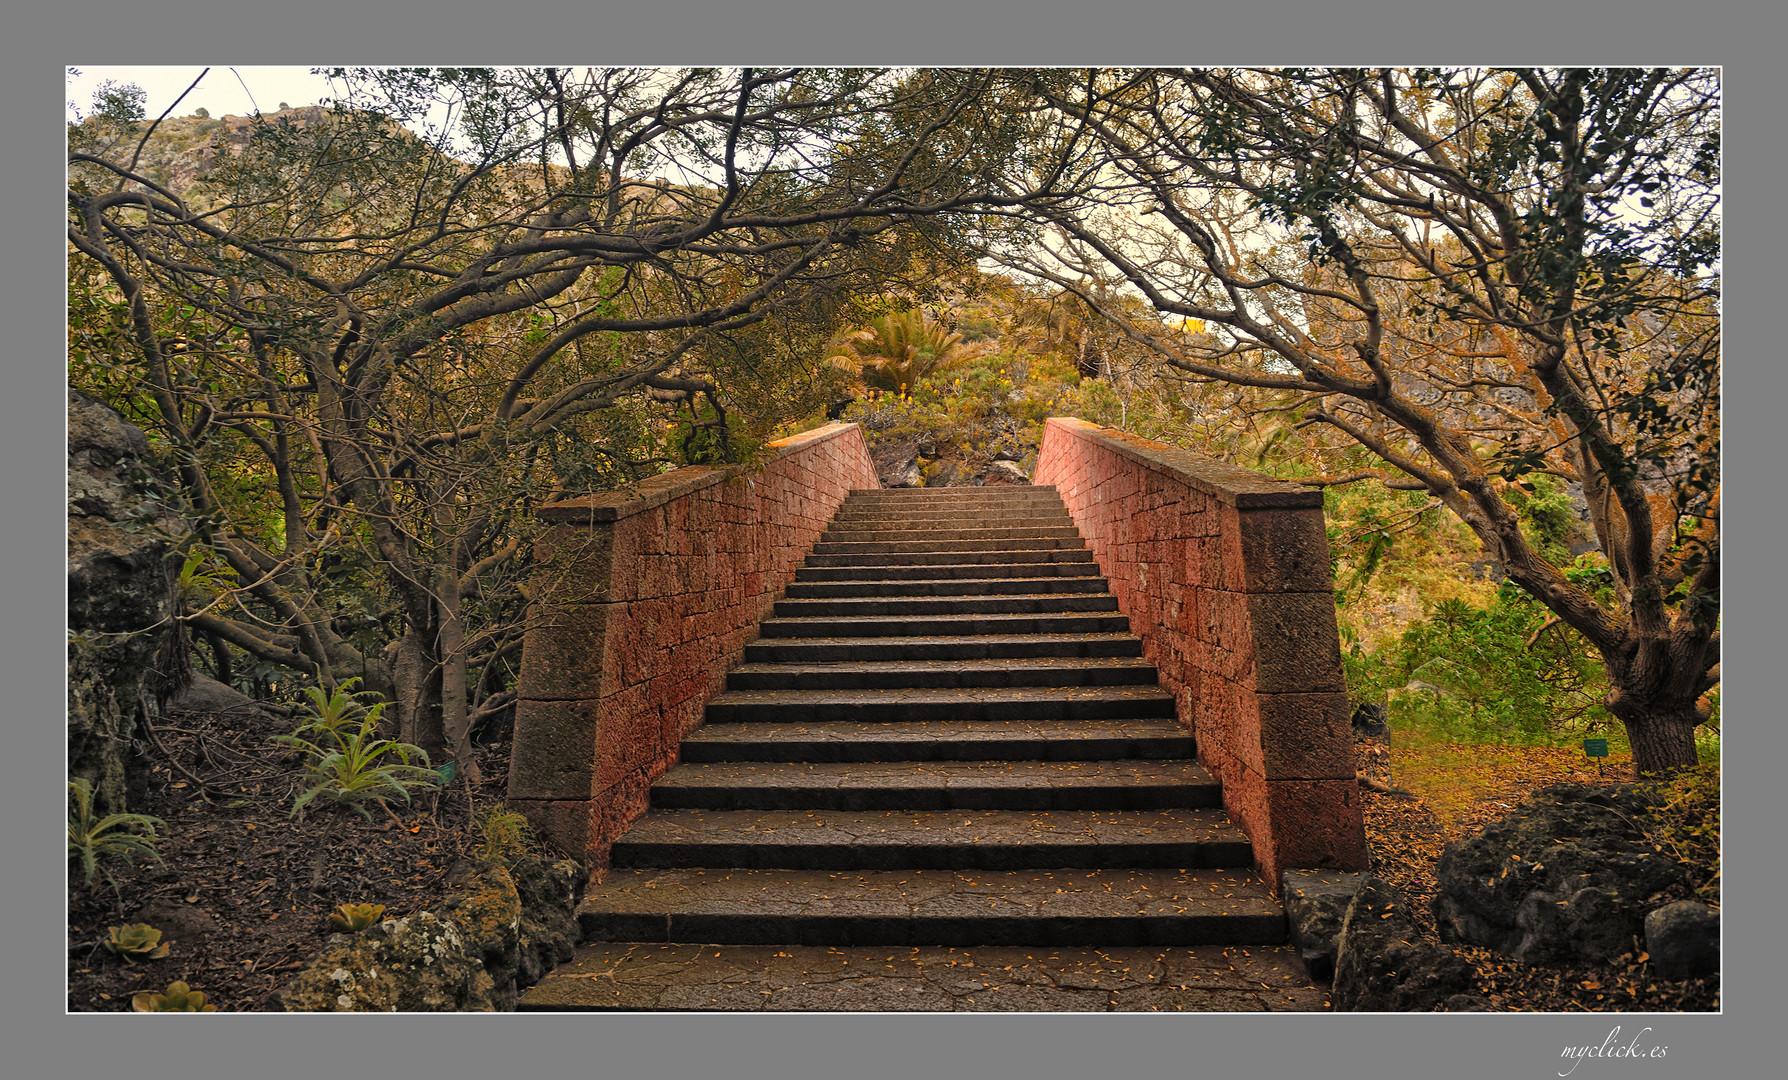 El puente de piedra jardin canario las palmas de g c for El jardin canario